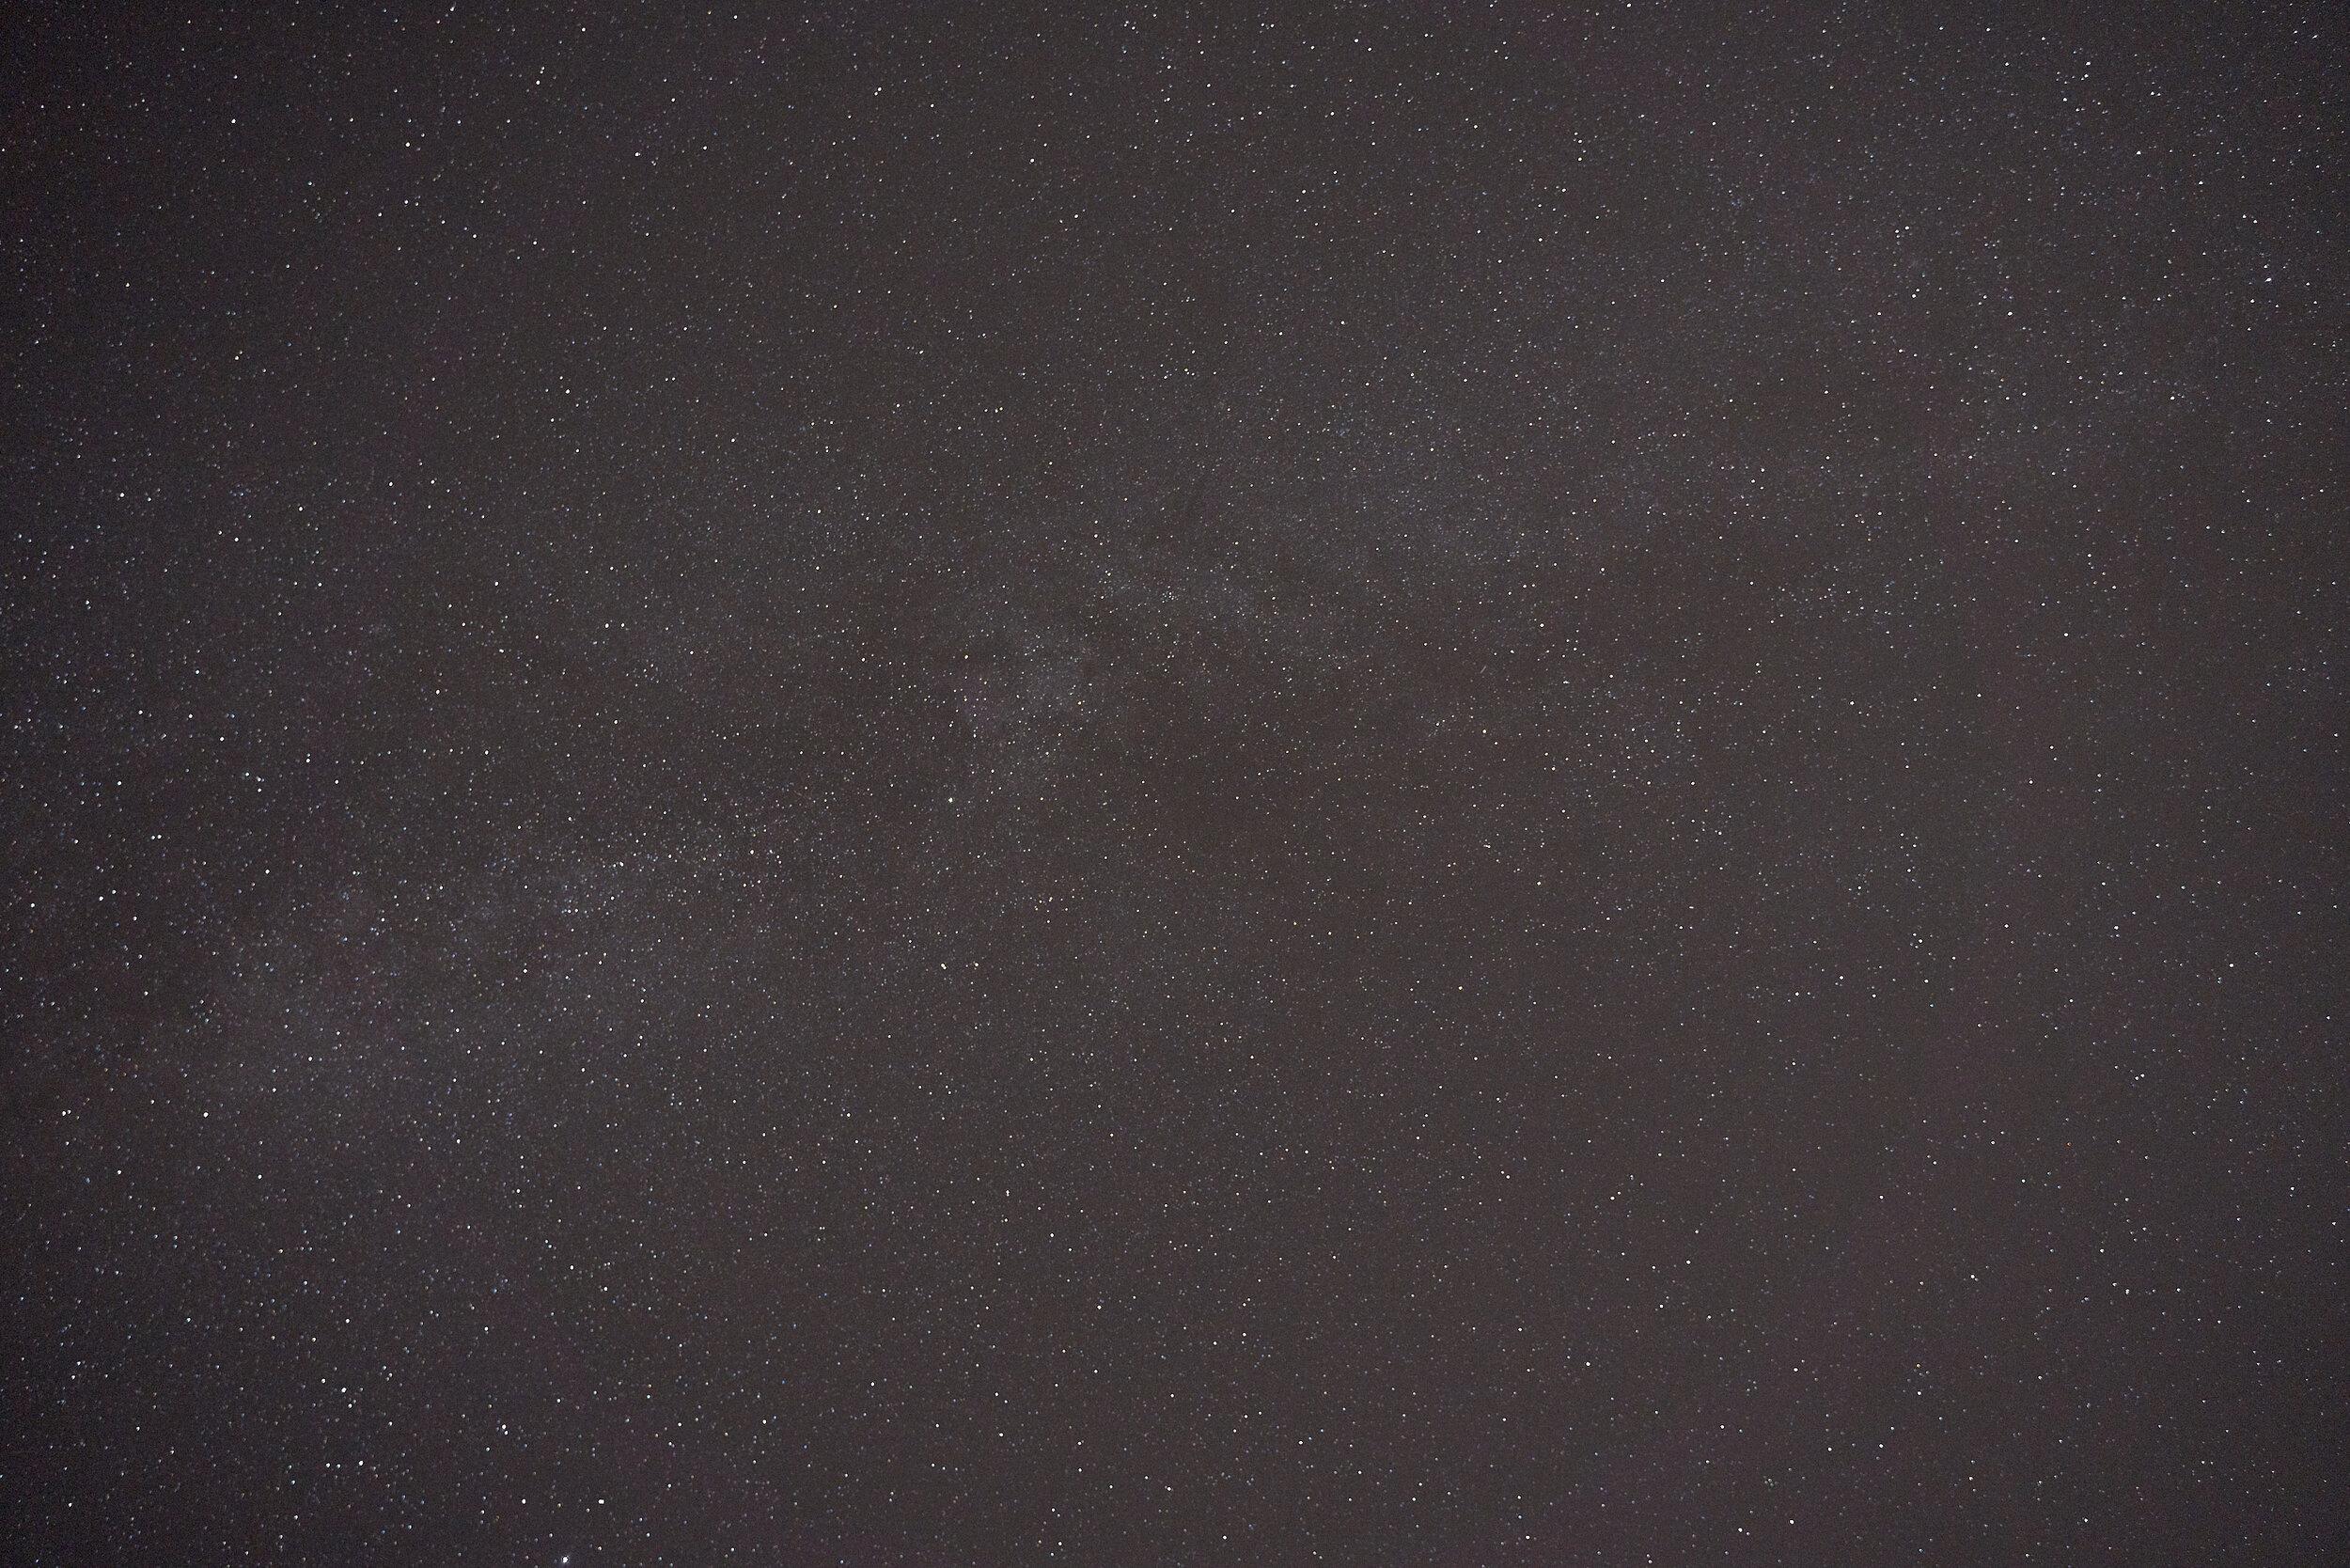 16.Shot without Hoya Starscape filter